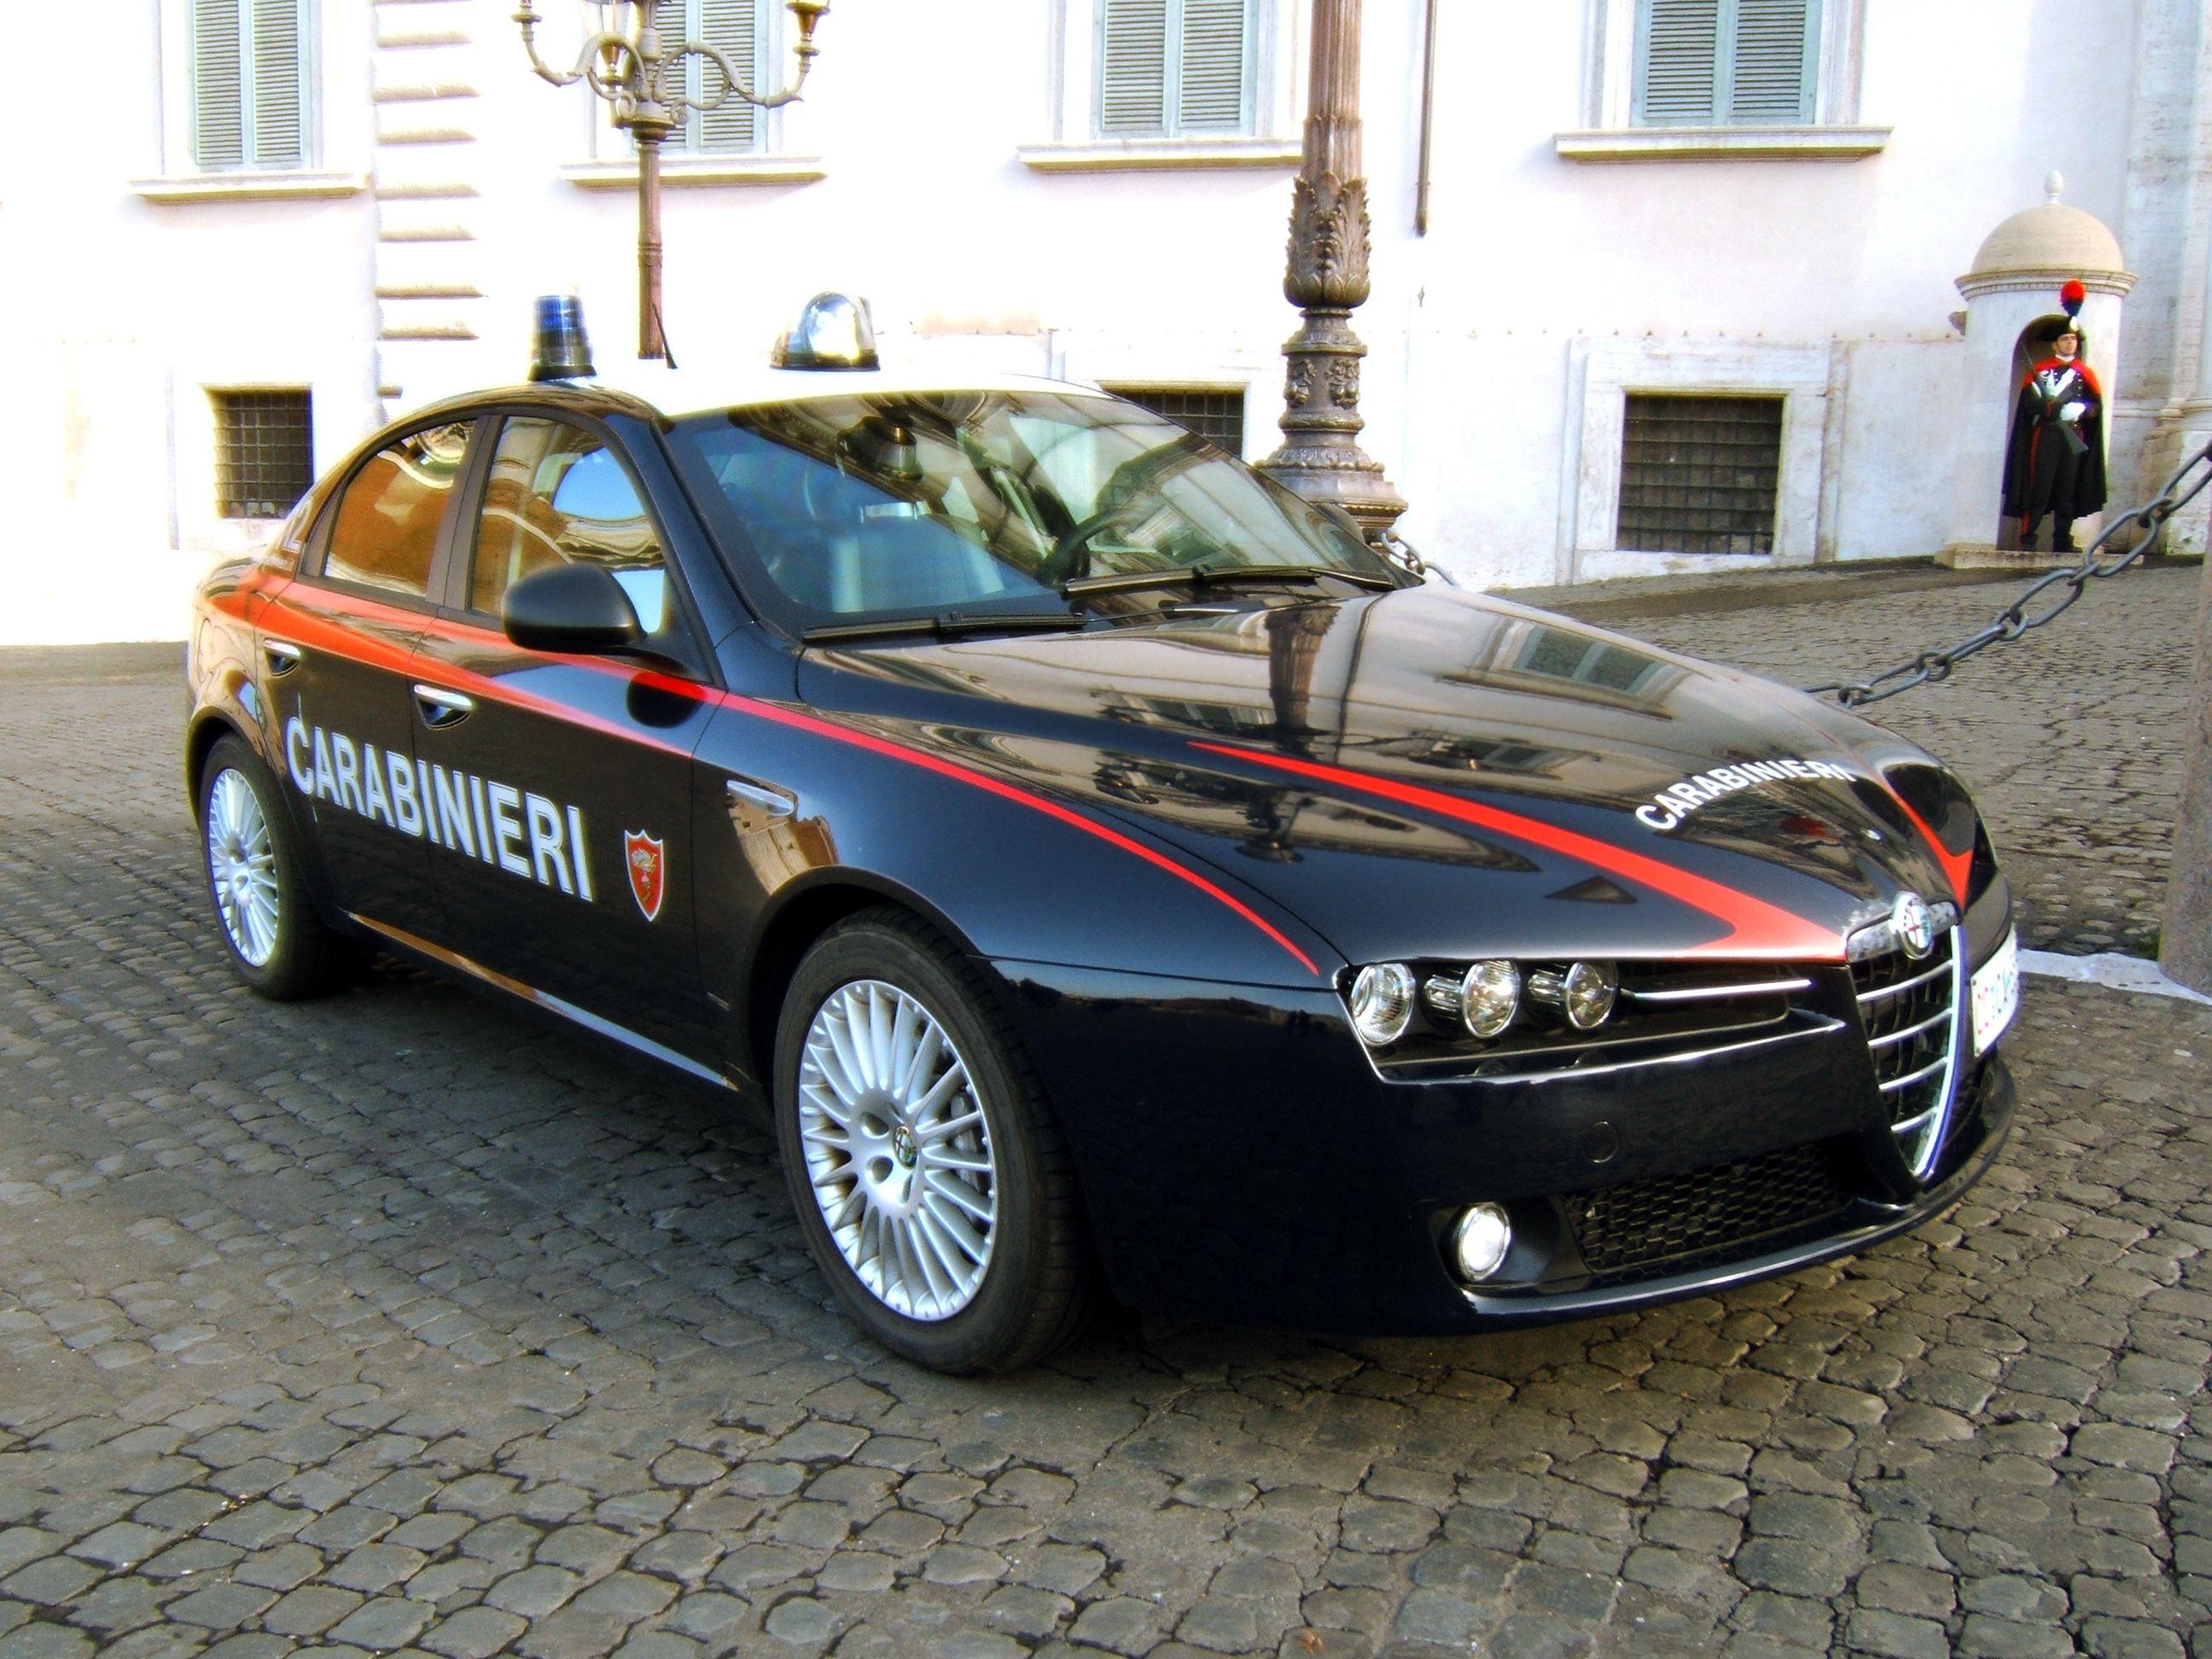 Carabinieri frascati droga arresti